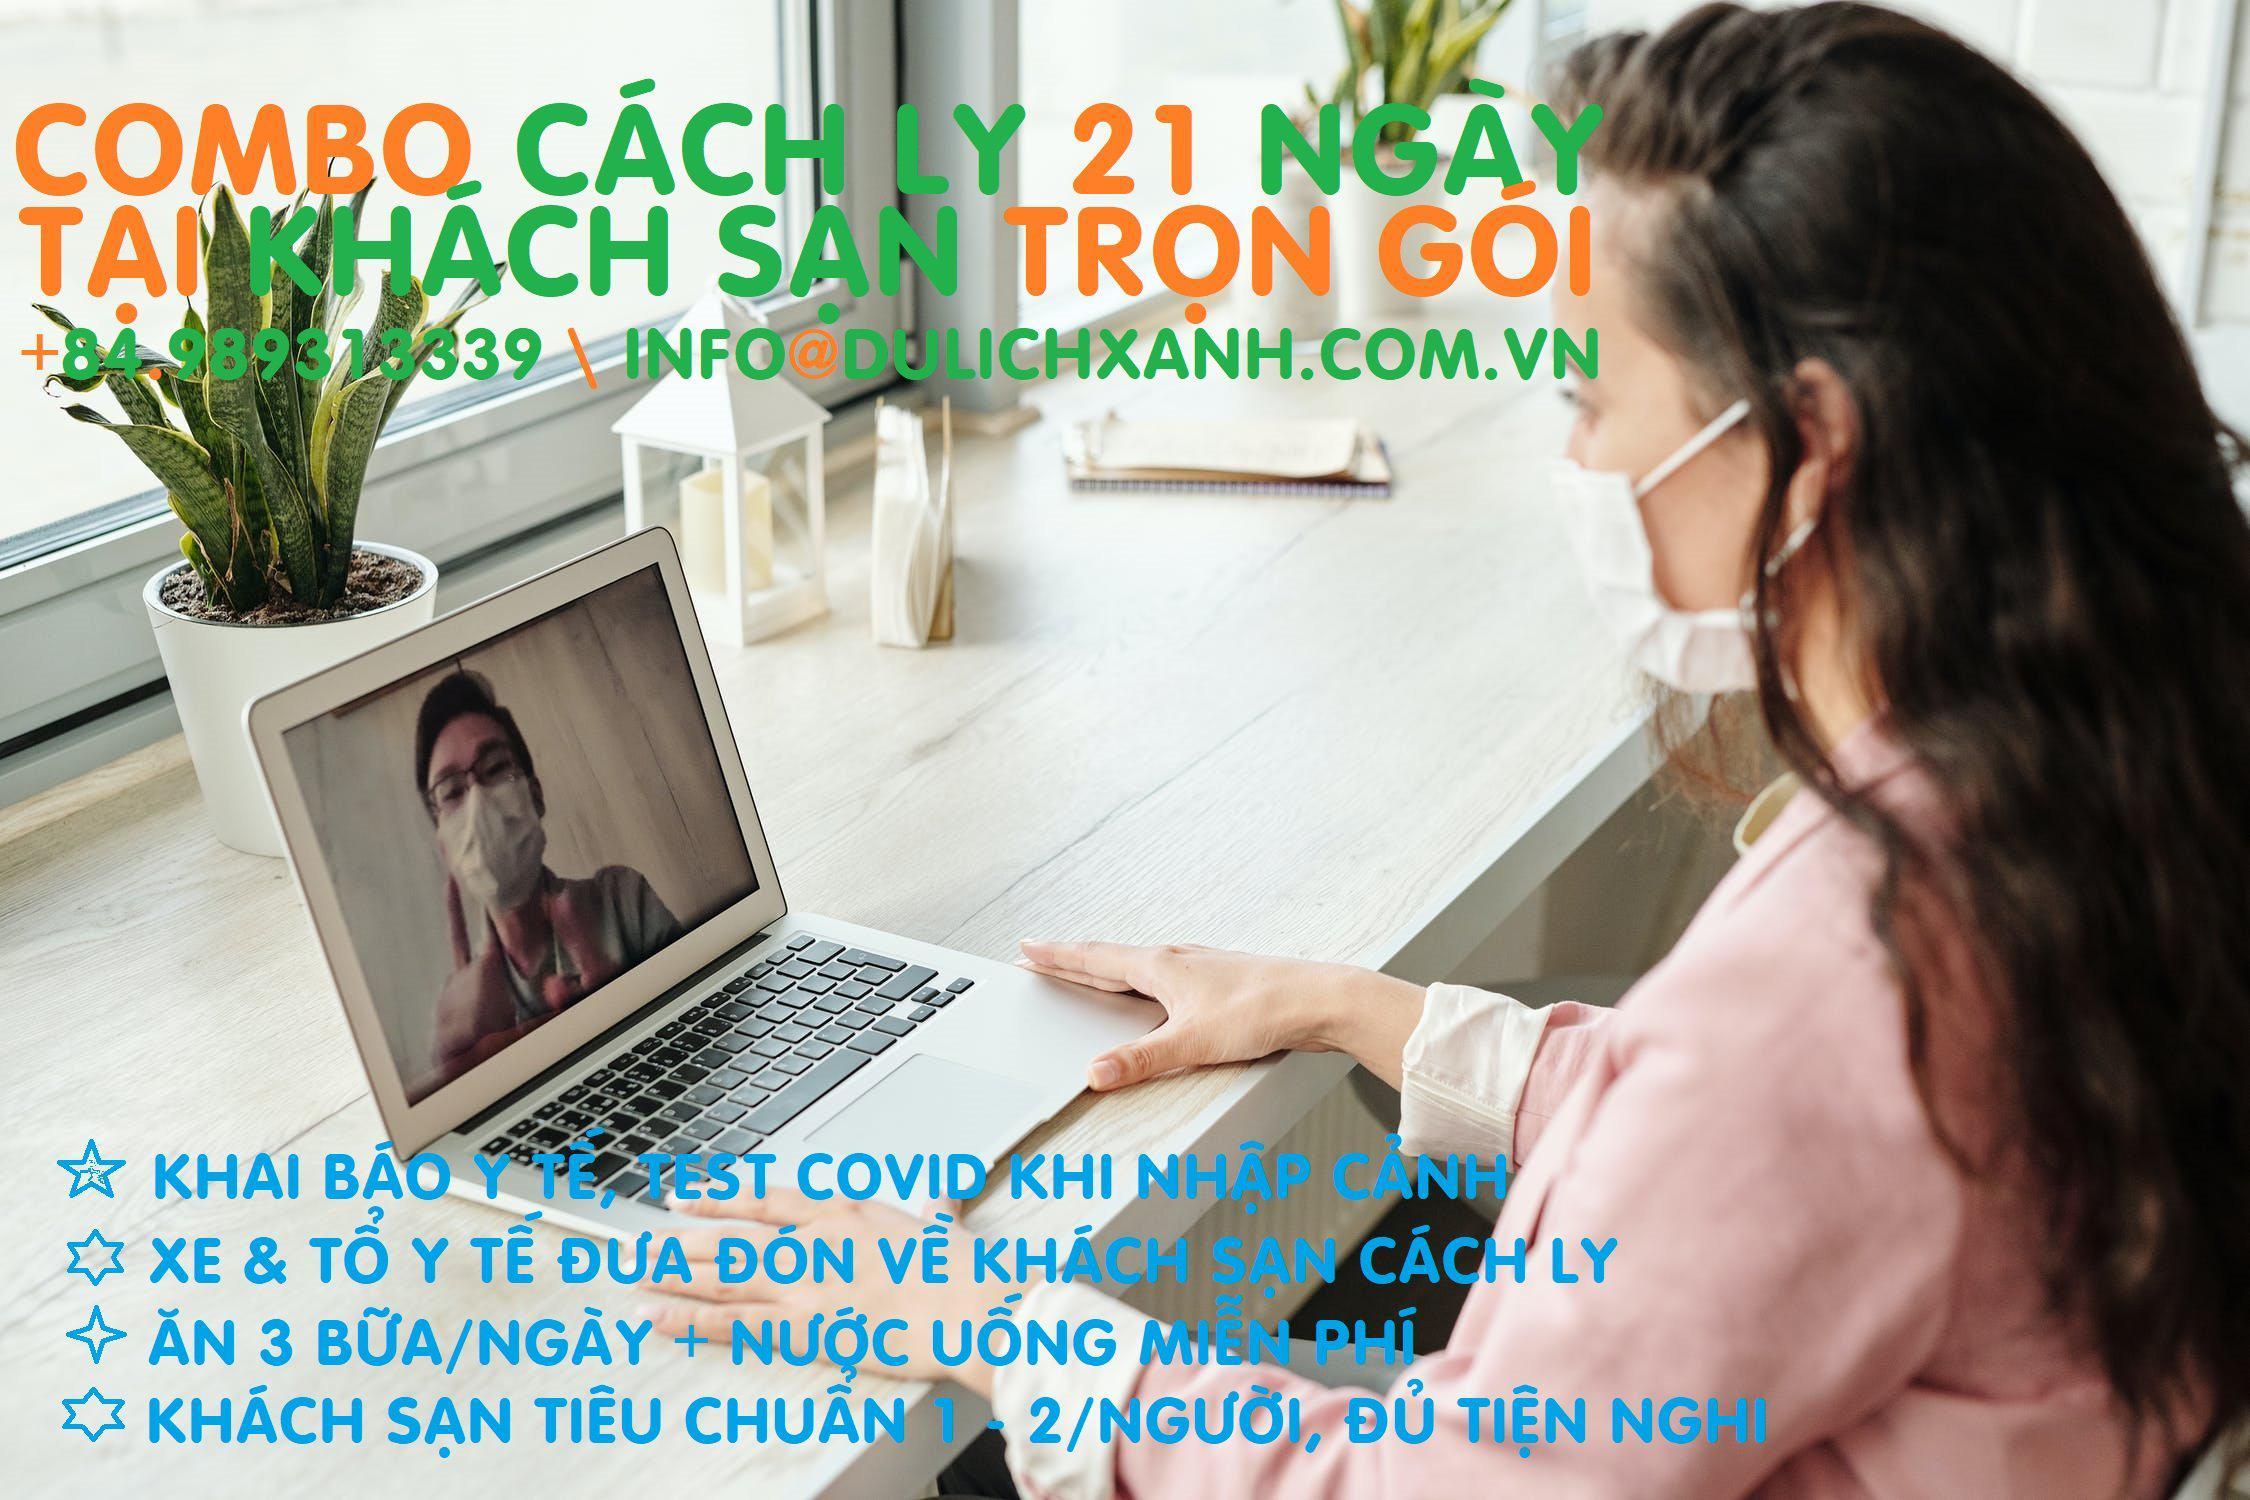 Combo Khách sạn cách ly 21 ngày tại Hà Nội